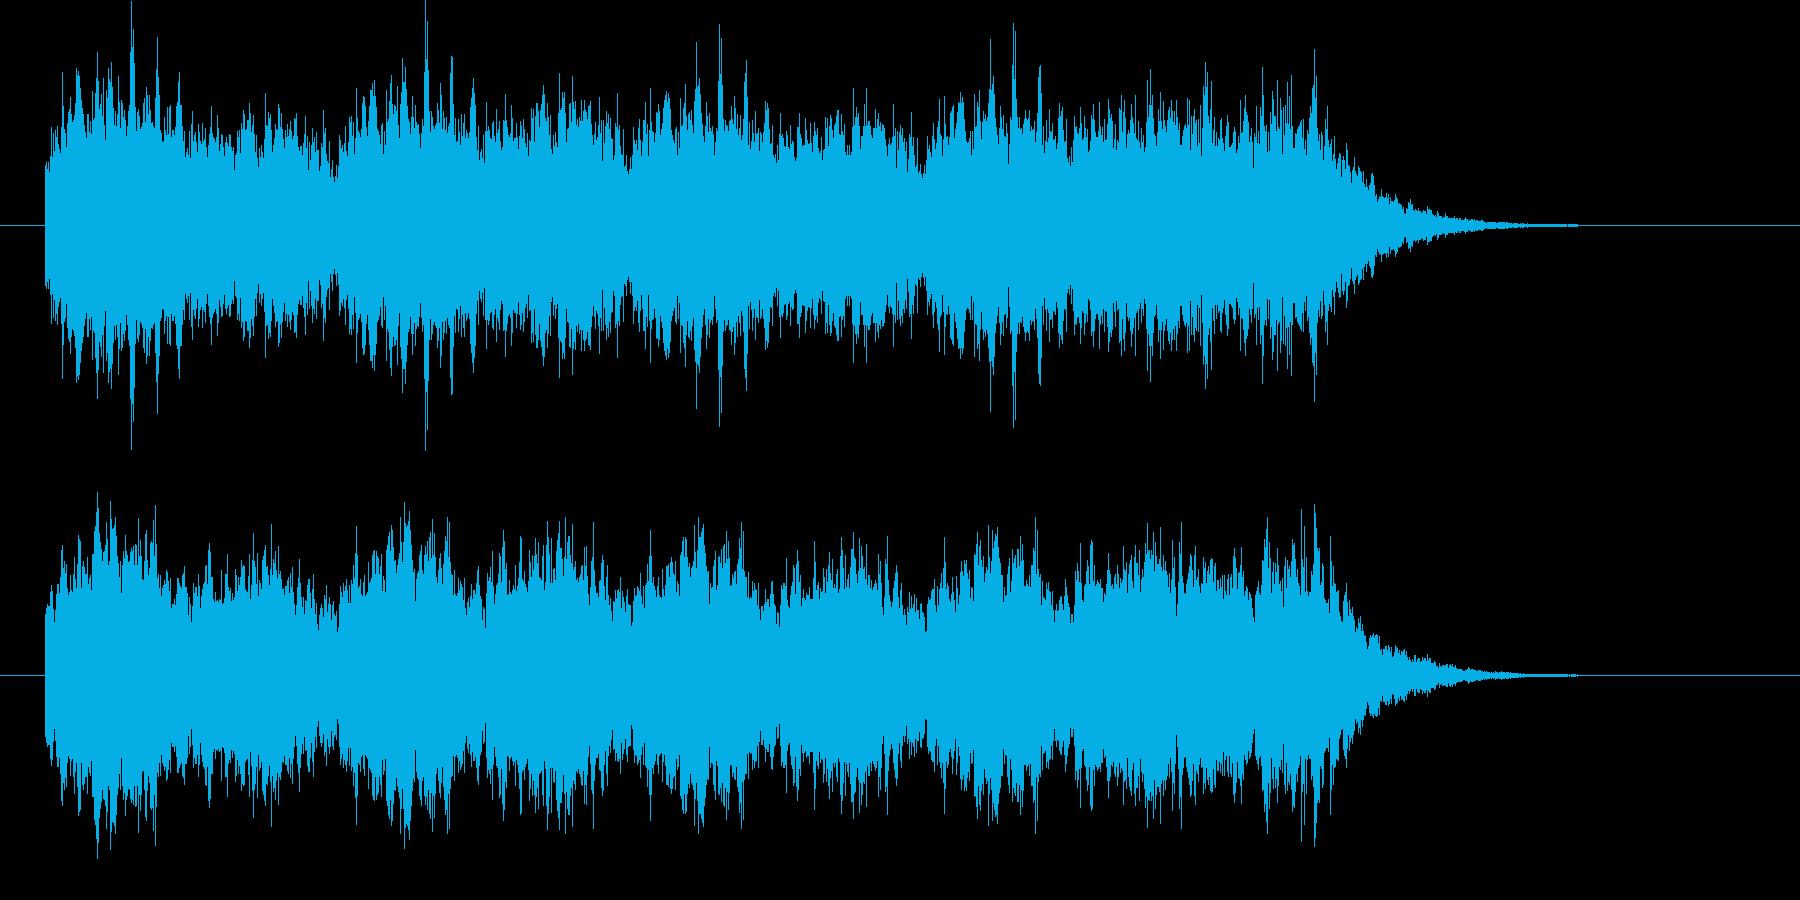 ファンタジーな雰囲気のベルの再生済みの波形